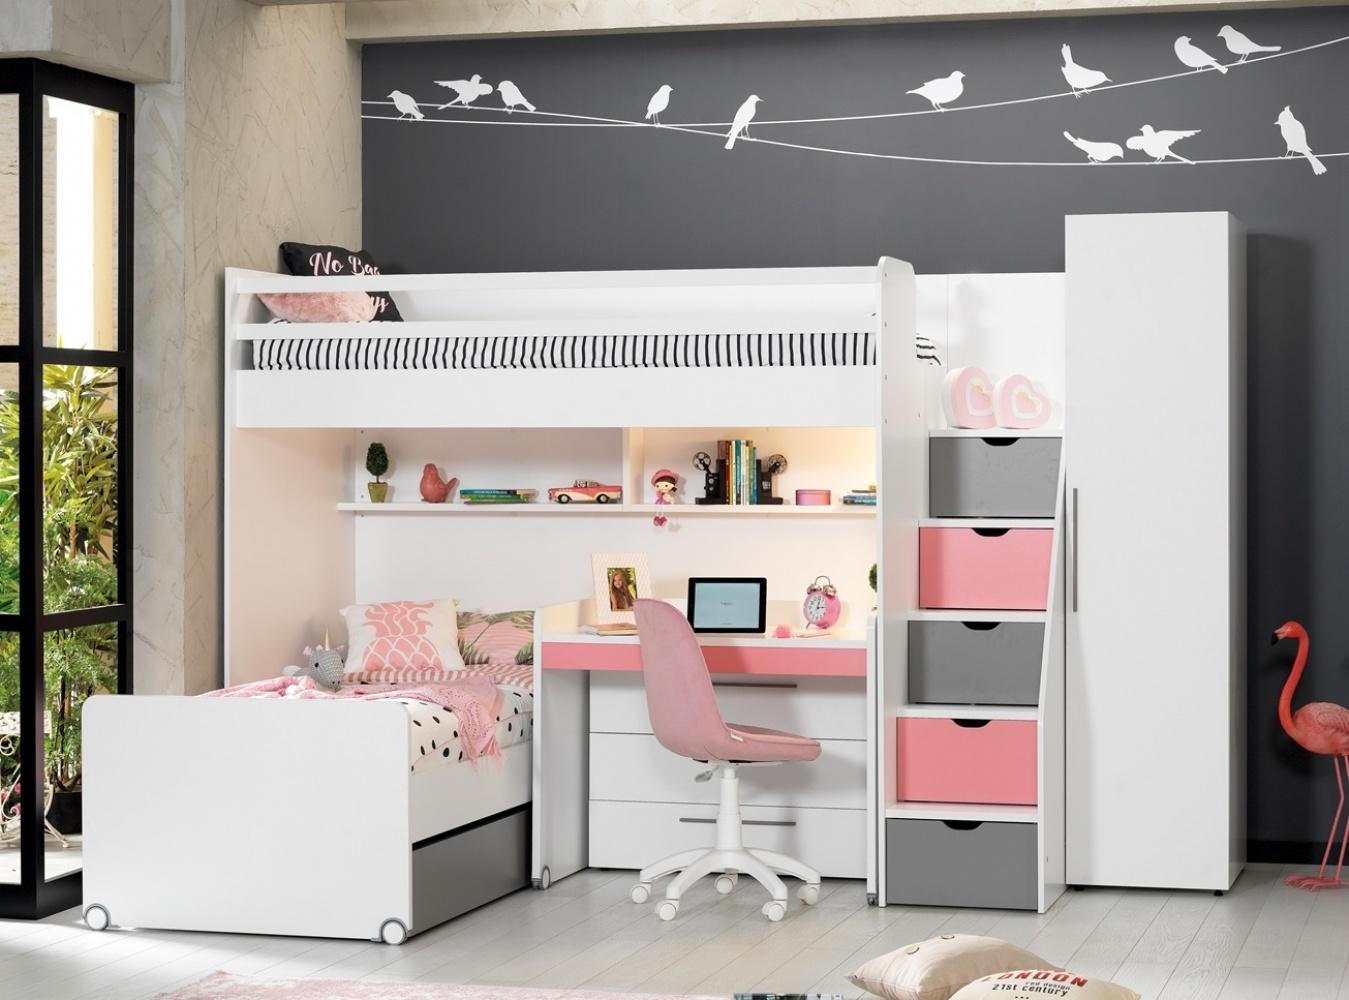 Almilas Jugendzimmer Set Neos mit Hochbett 5-teilig Rosa/Weiß